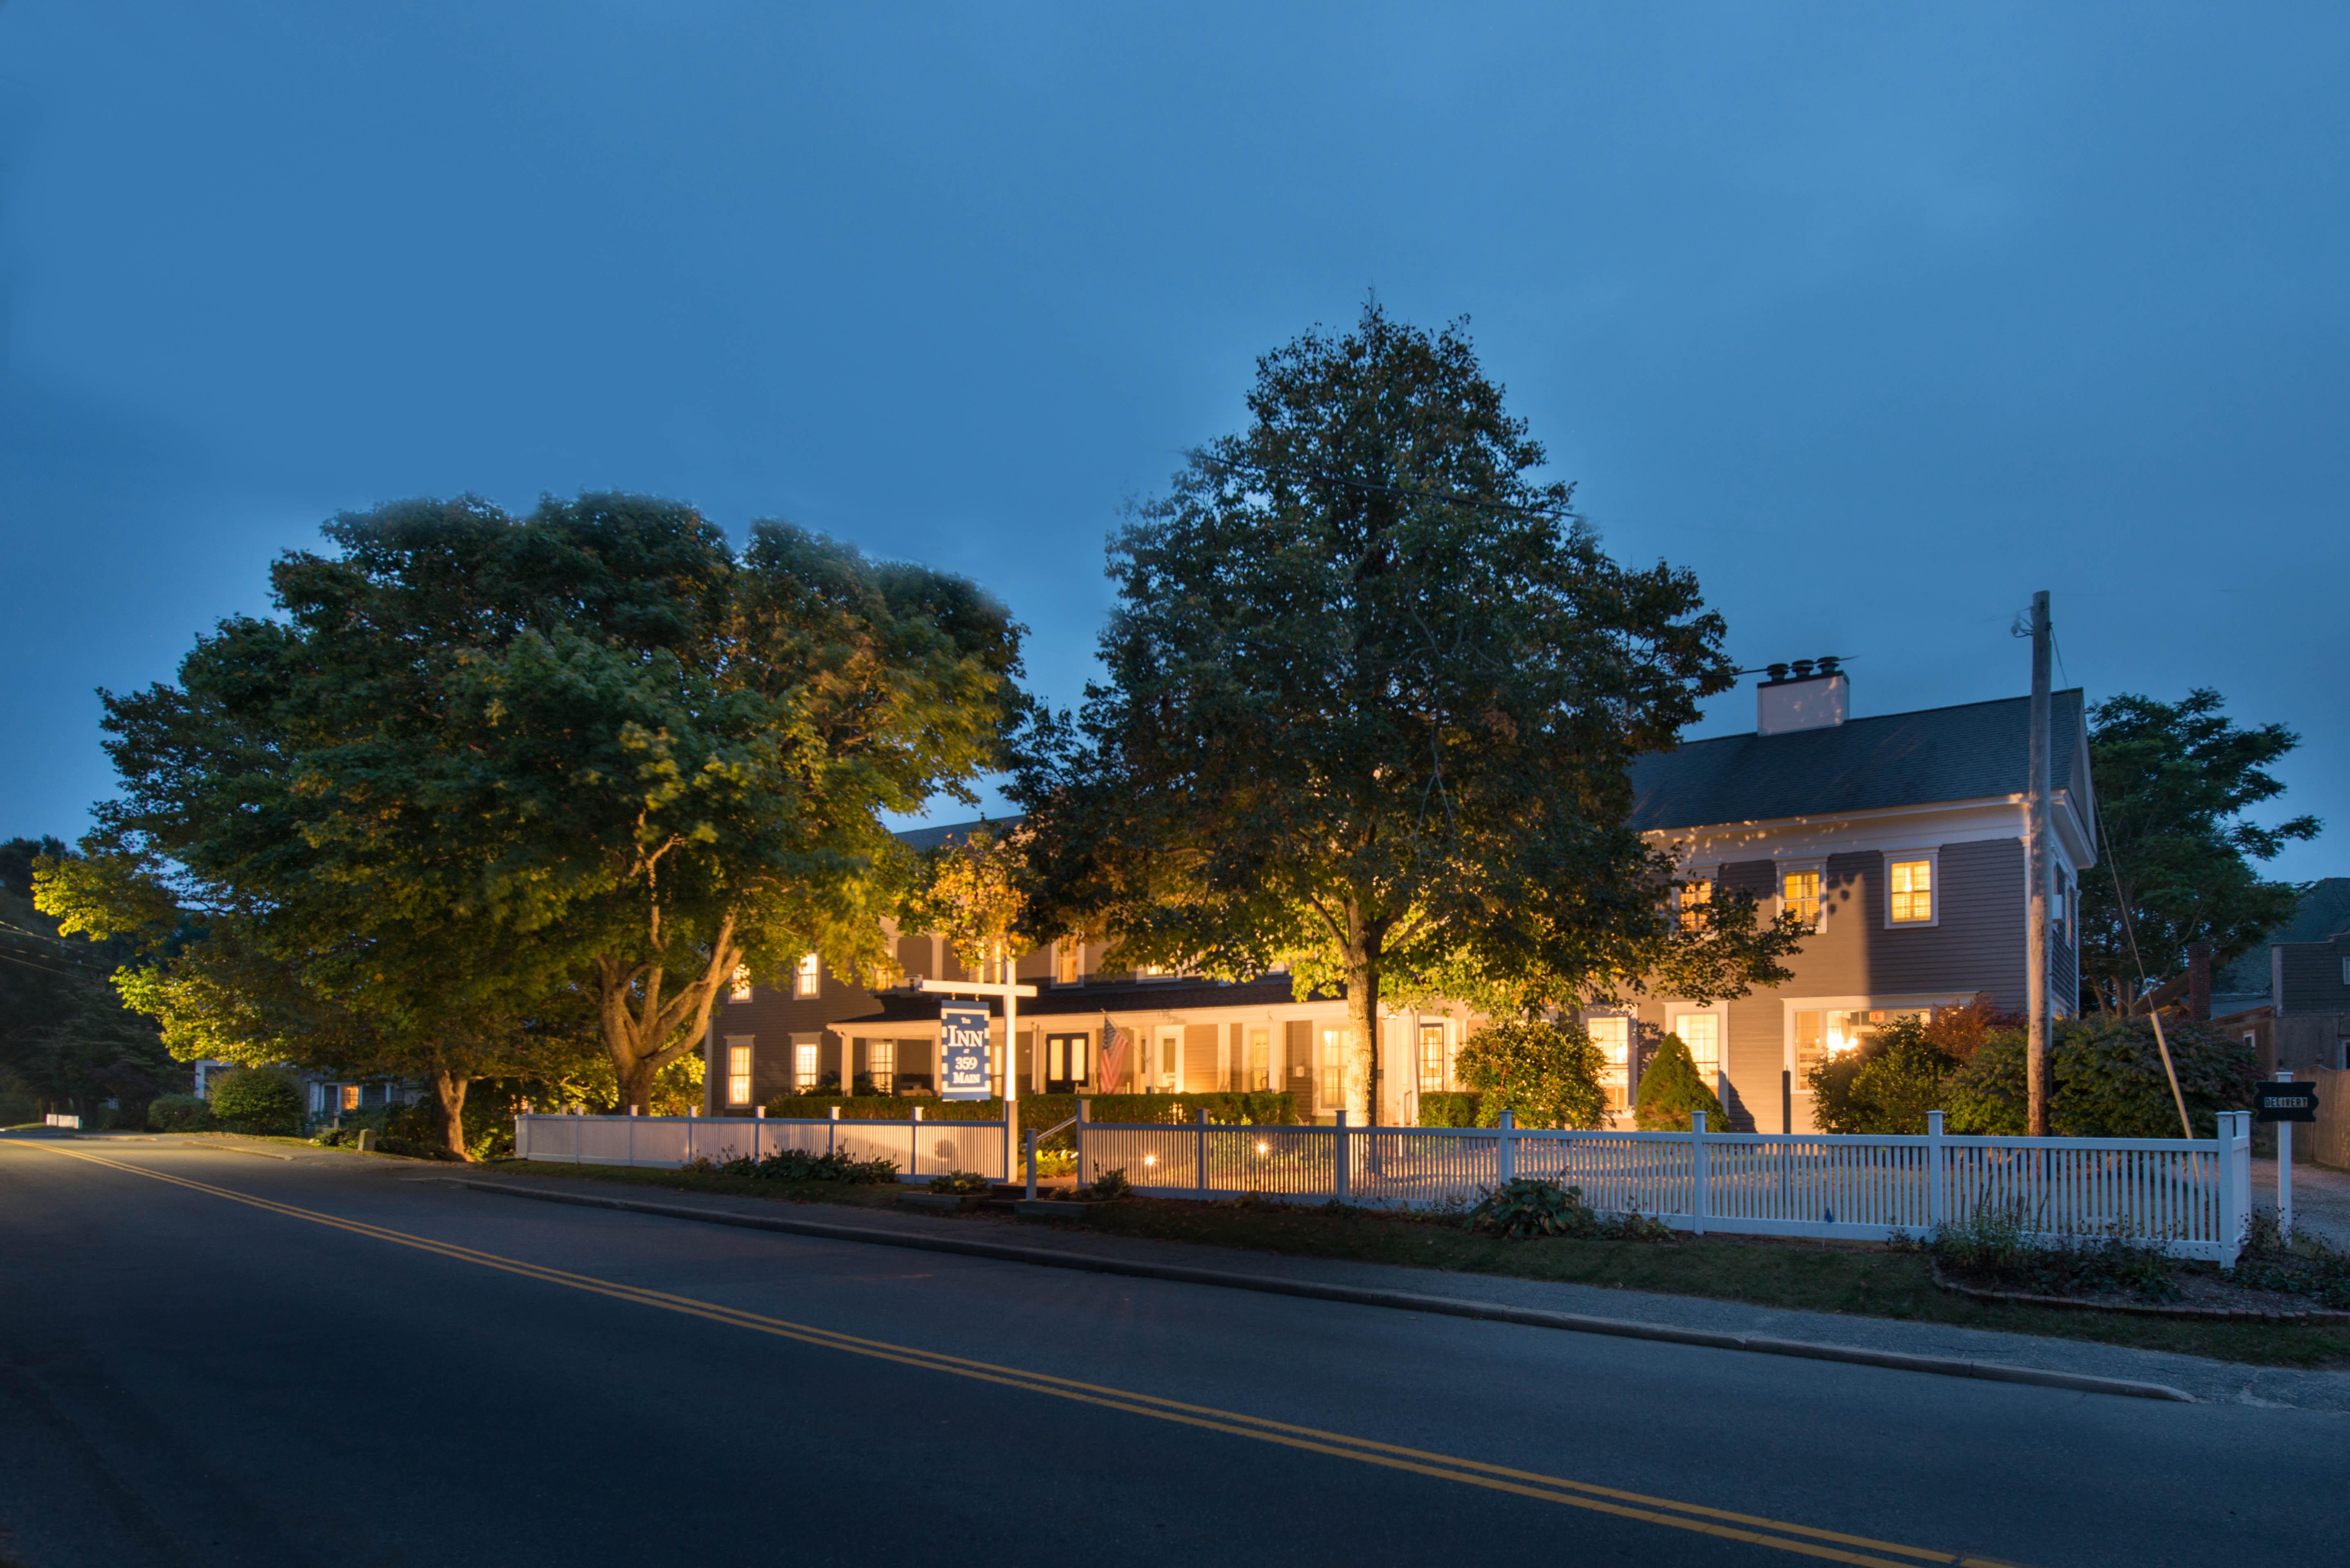 Chatham hotel 1 in tripadvisor chatham inn at 359 main for The chatham